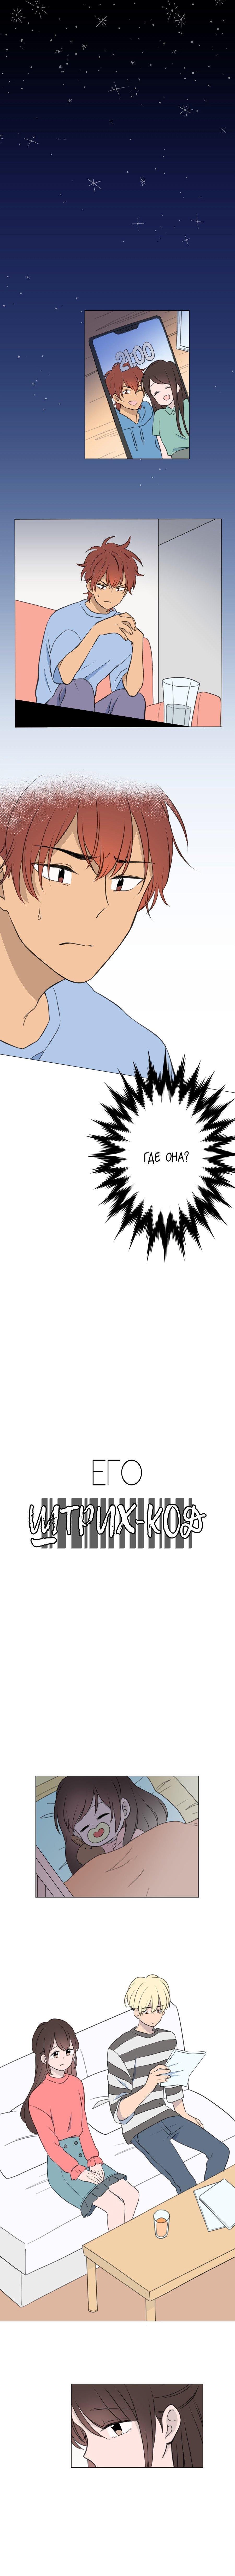 Манга Его штрих-код - Глава 31 Страница 1